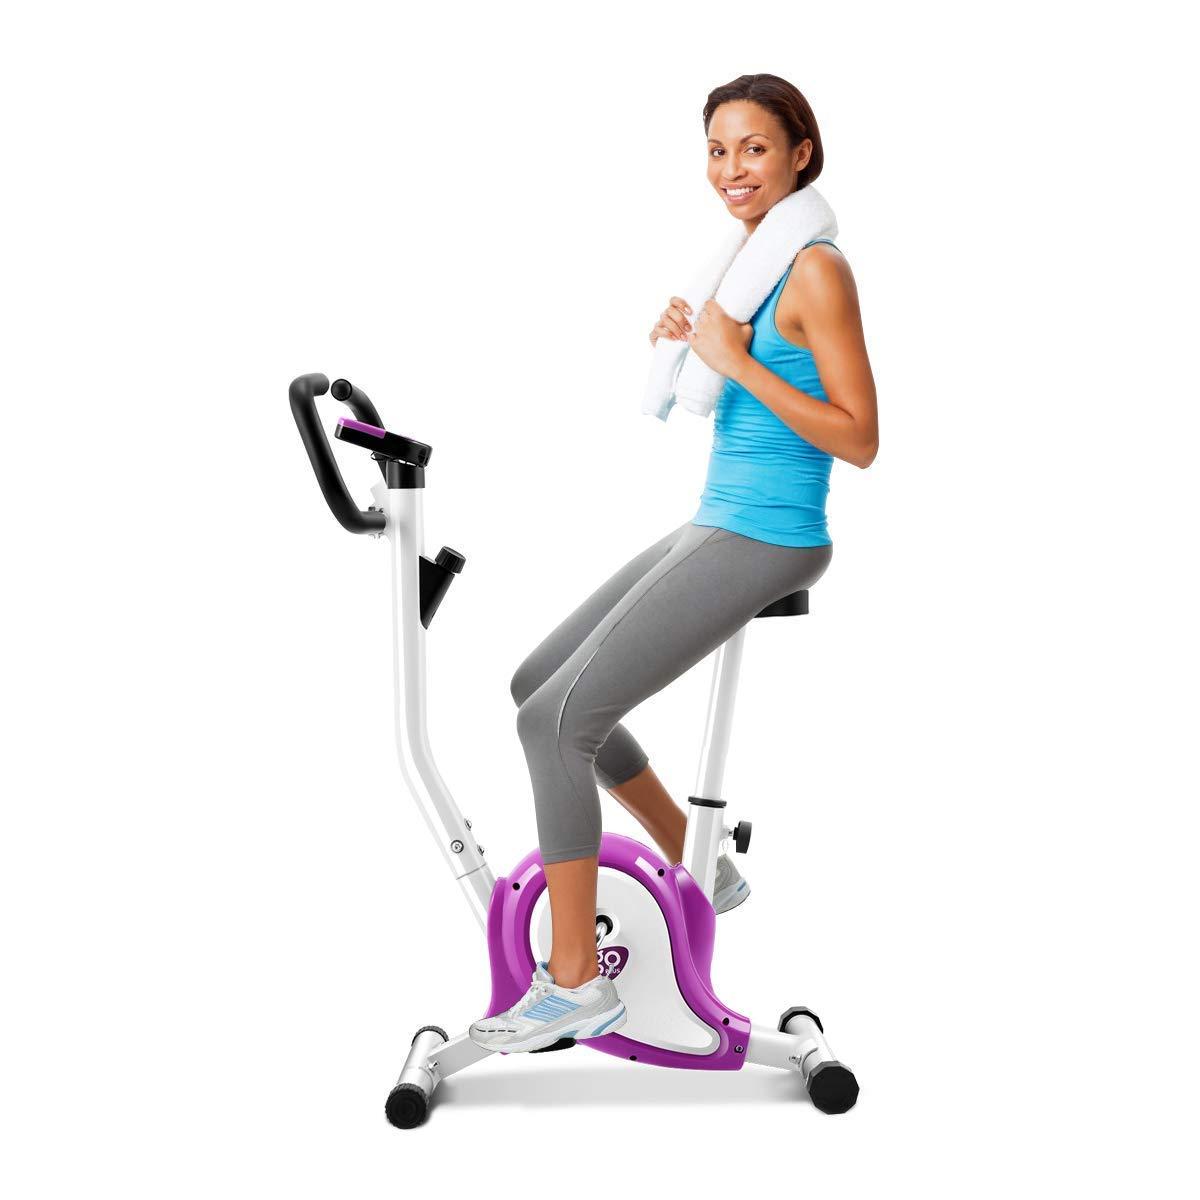 COSTWAY Cyclette da Allenamento Bicicletta Spinning Fitness Indoor, Display LCD, Varie modalità Resistenza e Altezza Sellino Regolabile